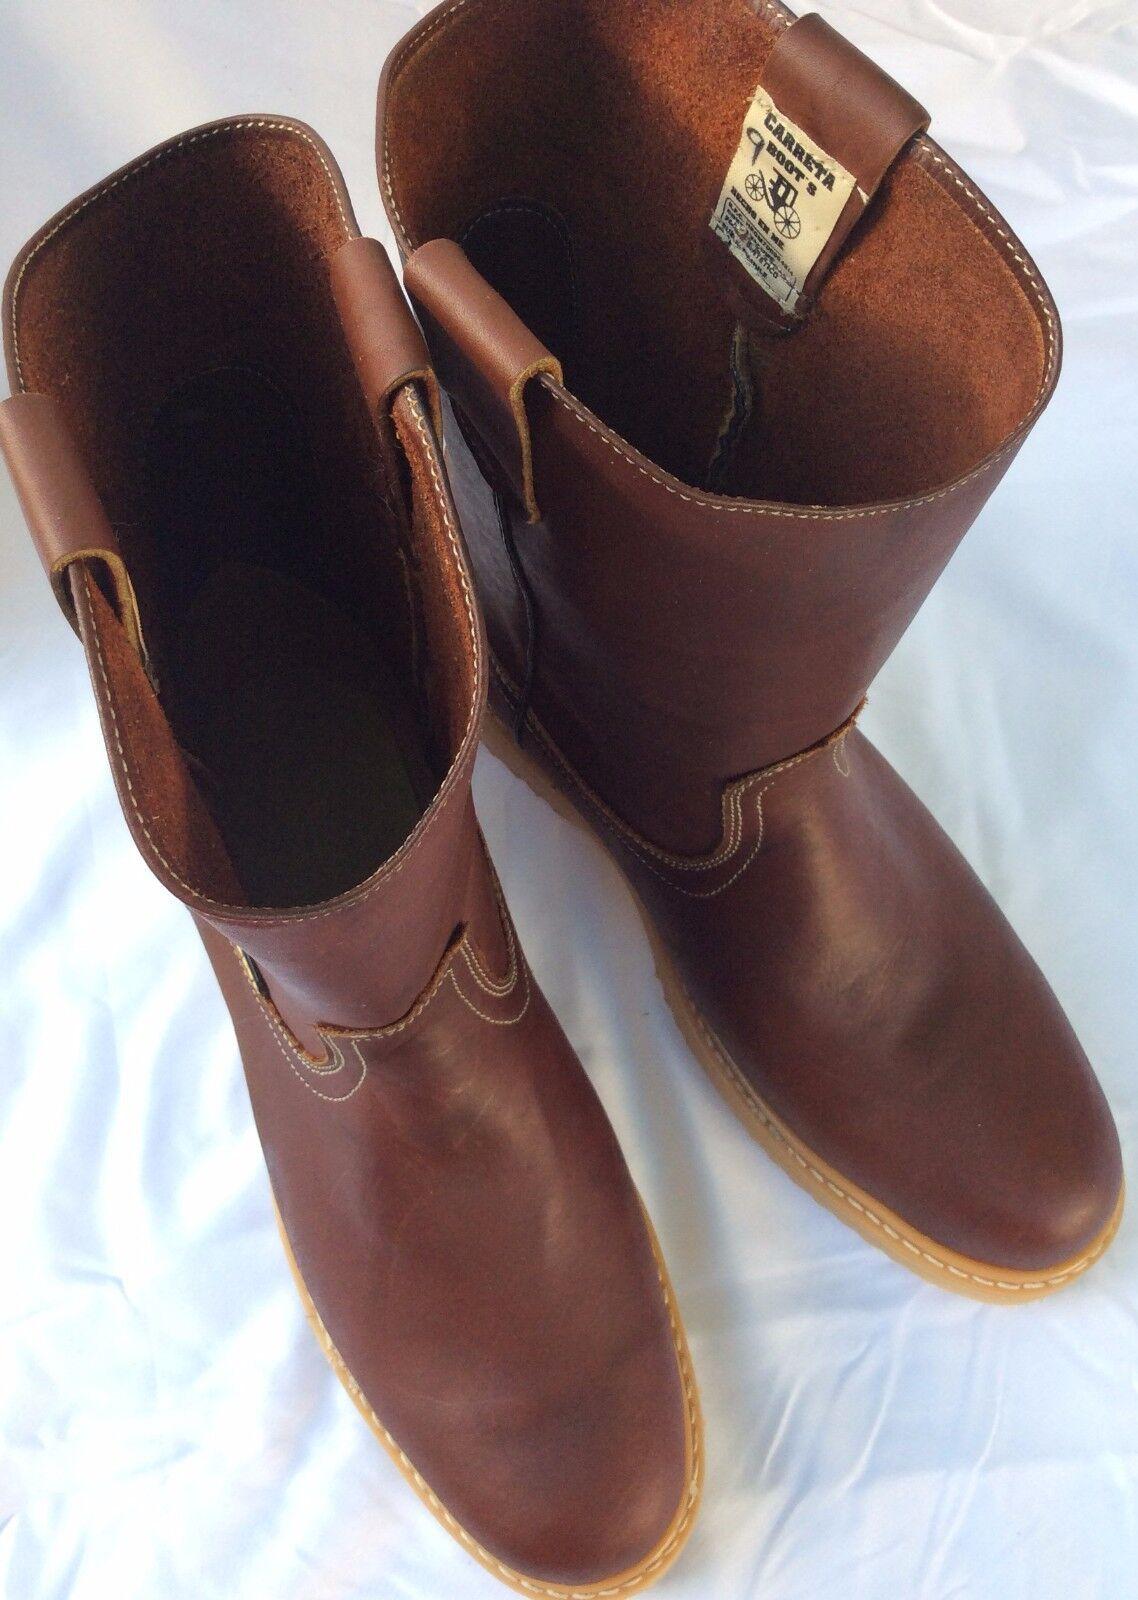 Uomini piu 'gli stivali da lavoro tirare in pelle pelle pelle marrone - bota de trabajo piel genuina cafe fb104d